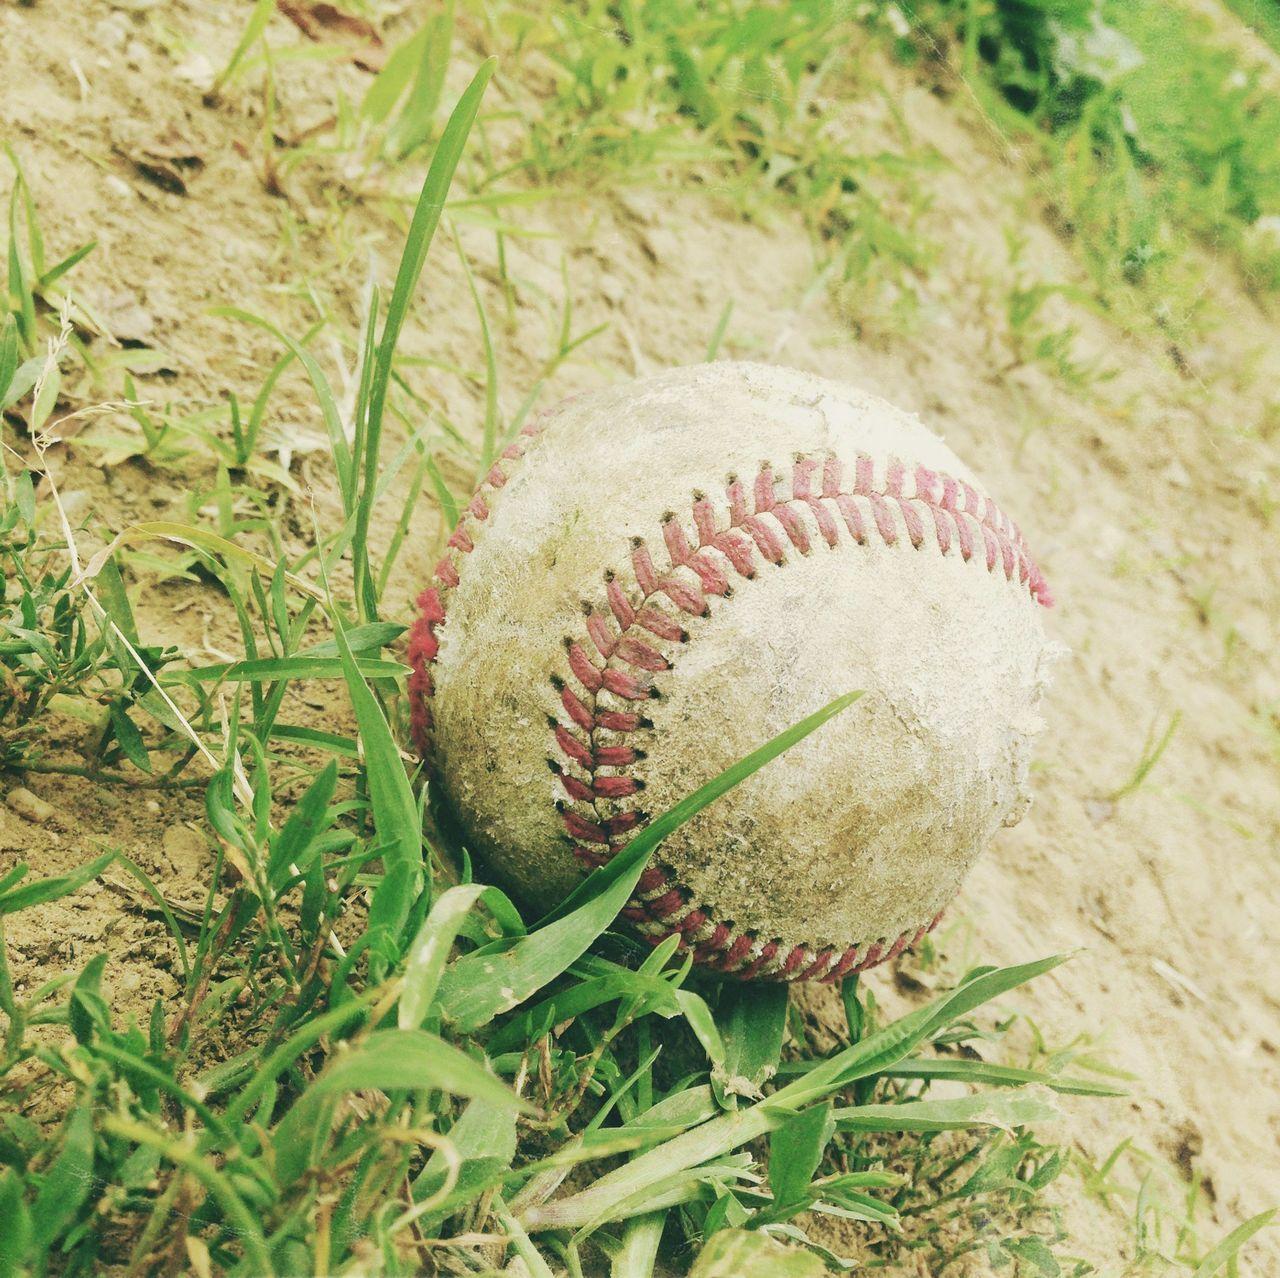 When You find Baseballs at old parks 😘⚾️